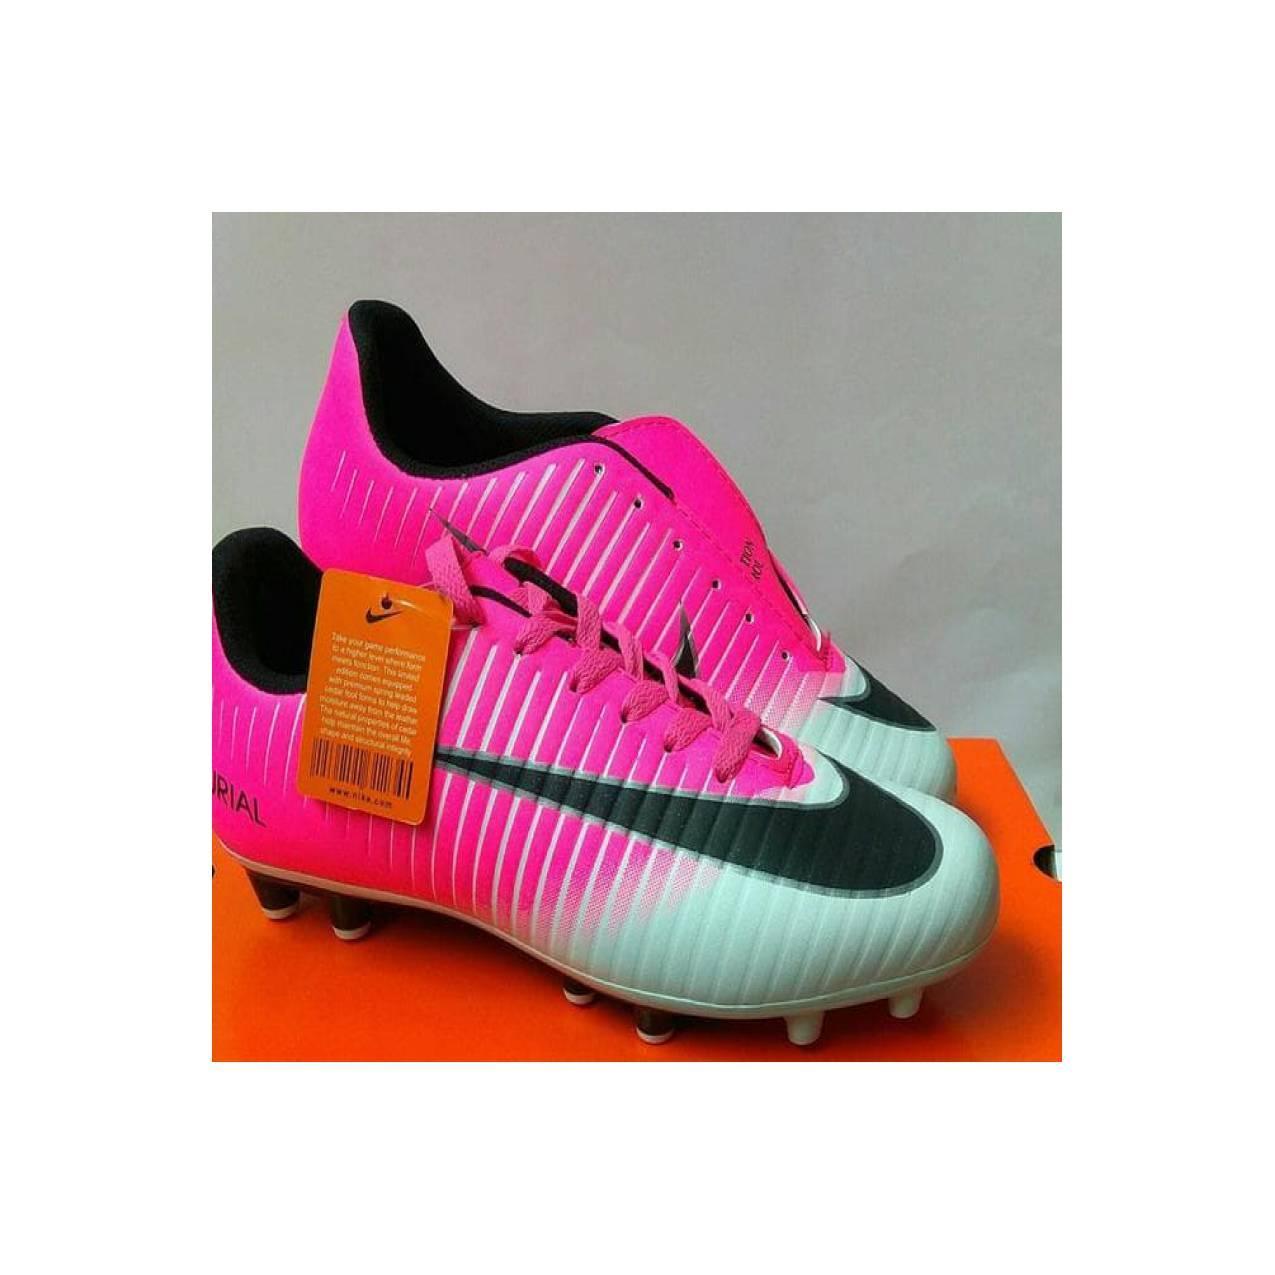 Jual Sepatu Bola Nike + Jahit Unik